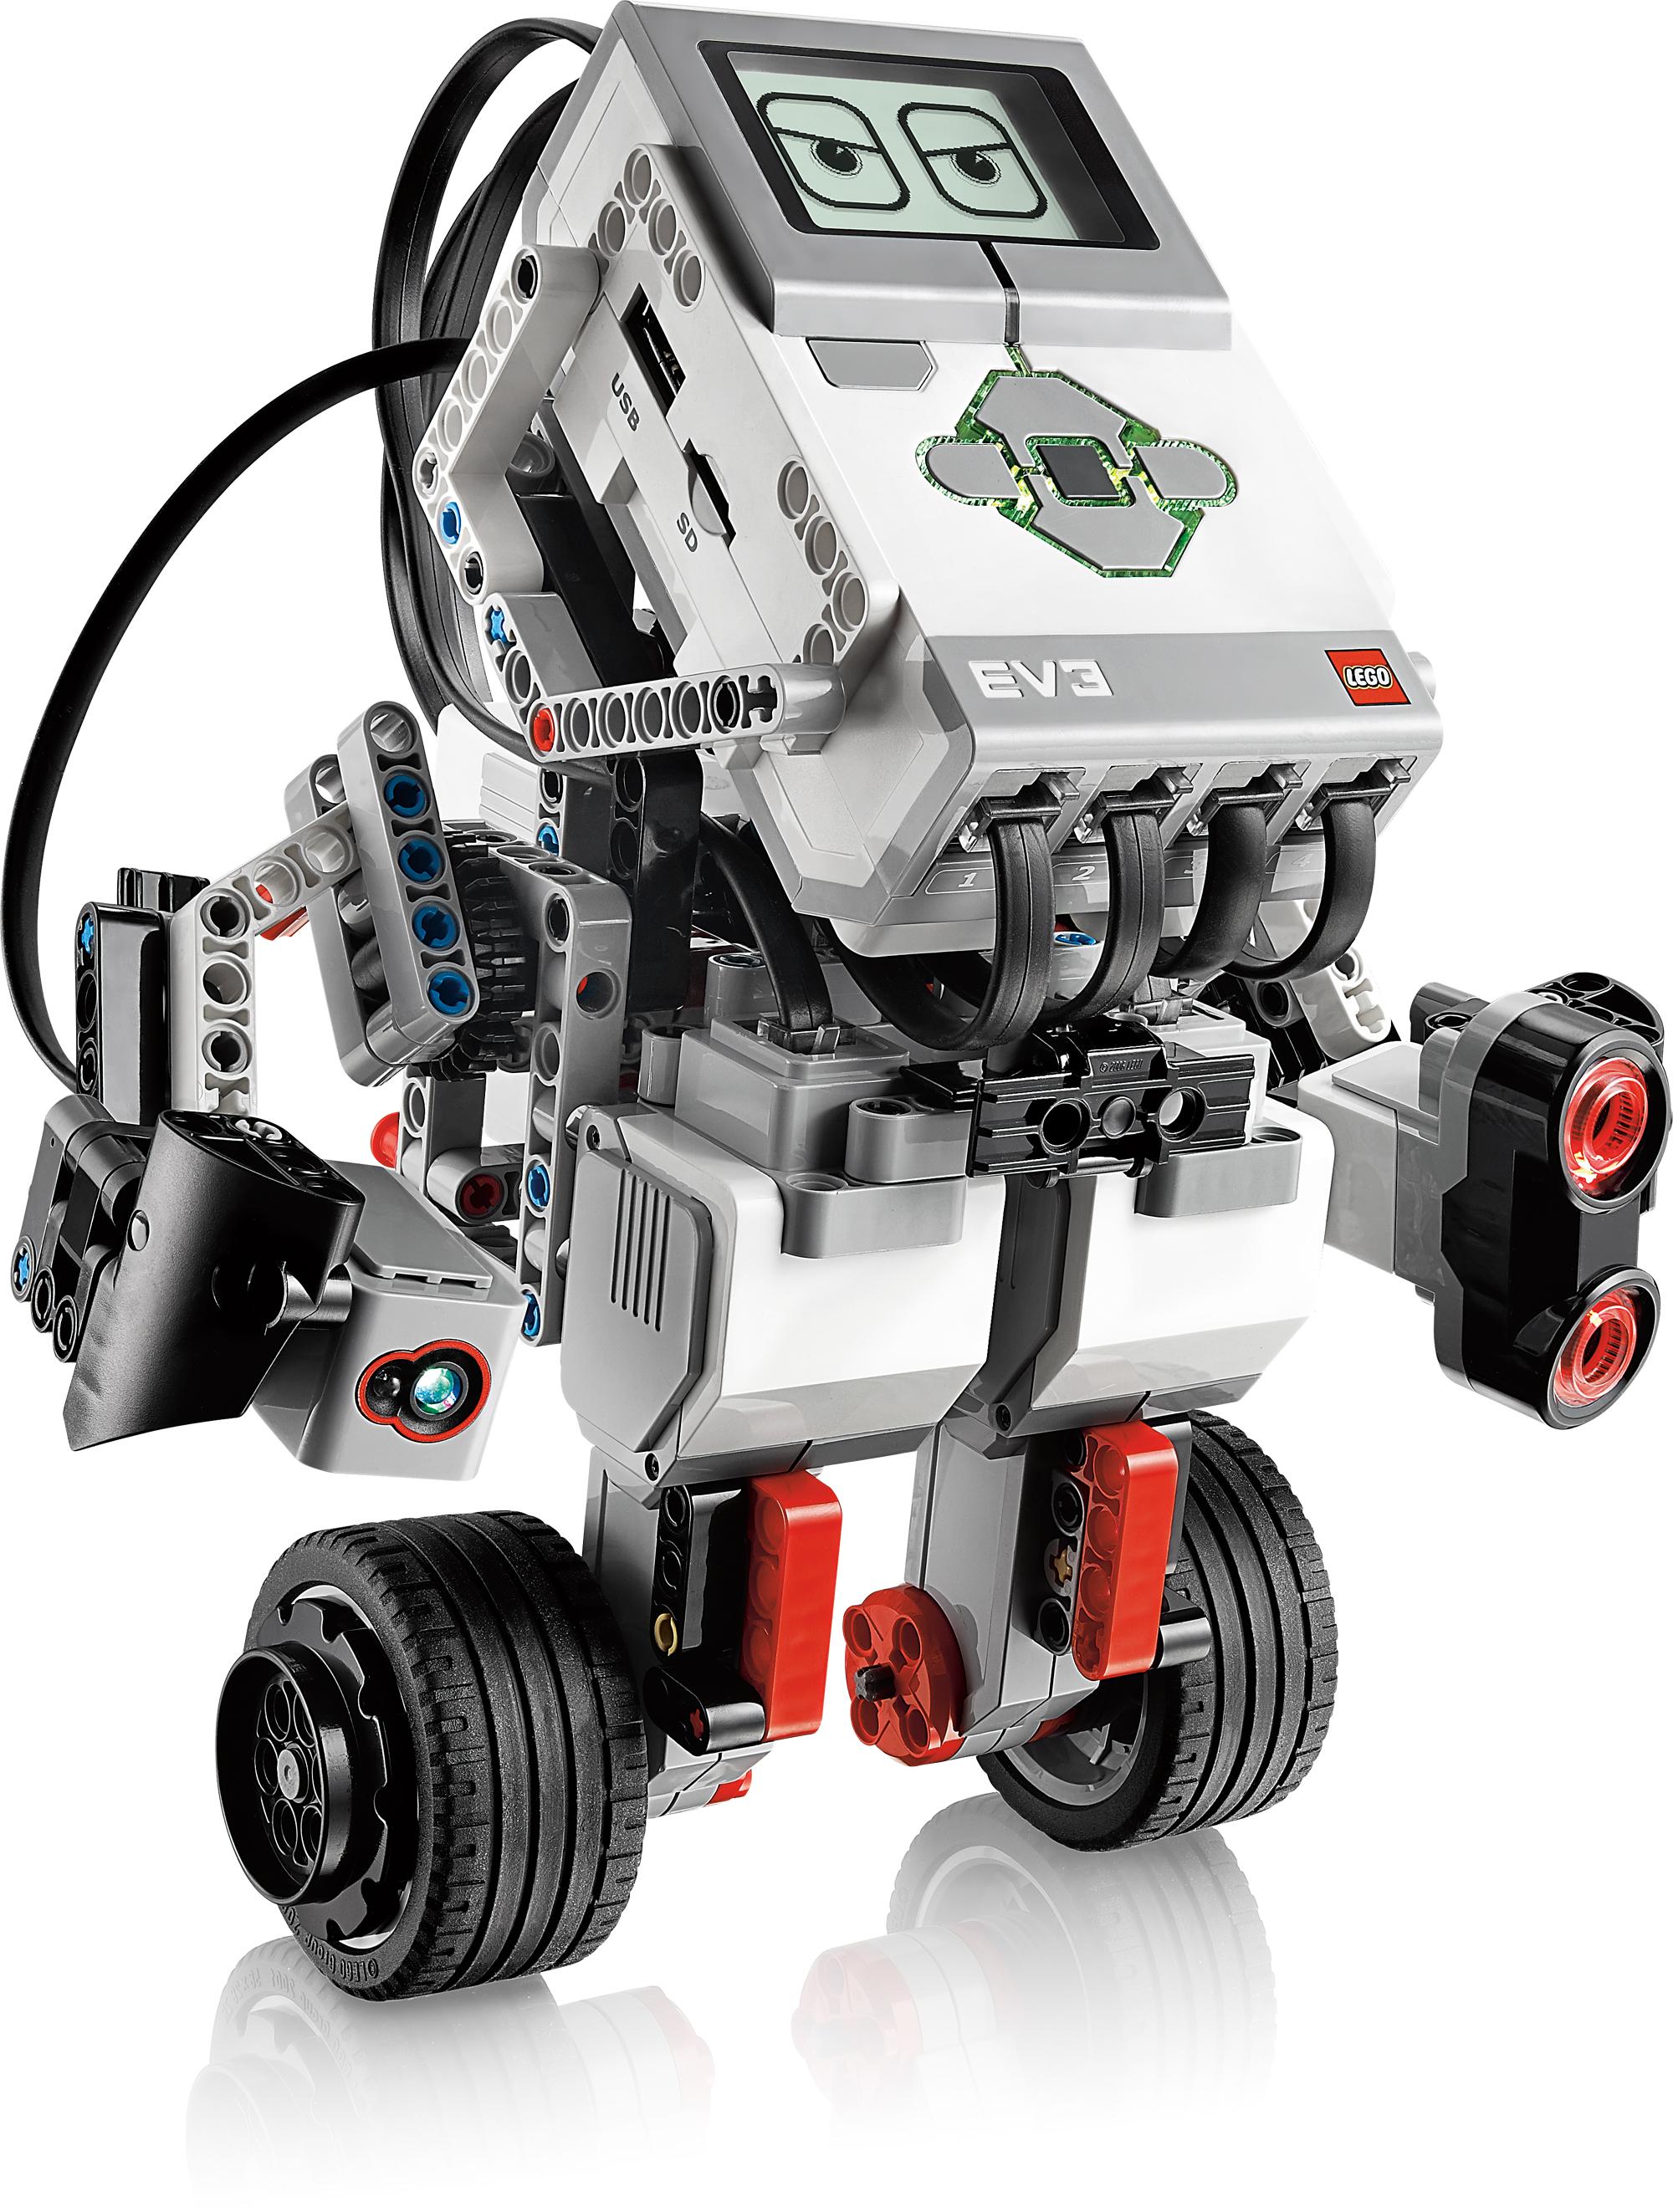 Lego Mindstorms EV3: Neue Roboterplattform von Lego - Lego Mindstorms EV3: Gyroboy